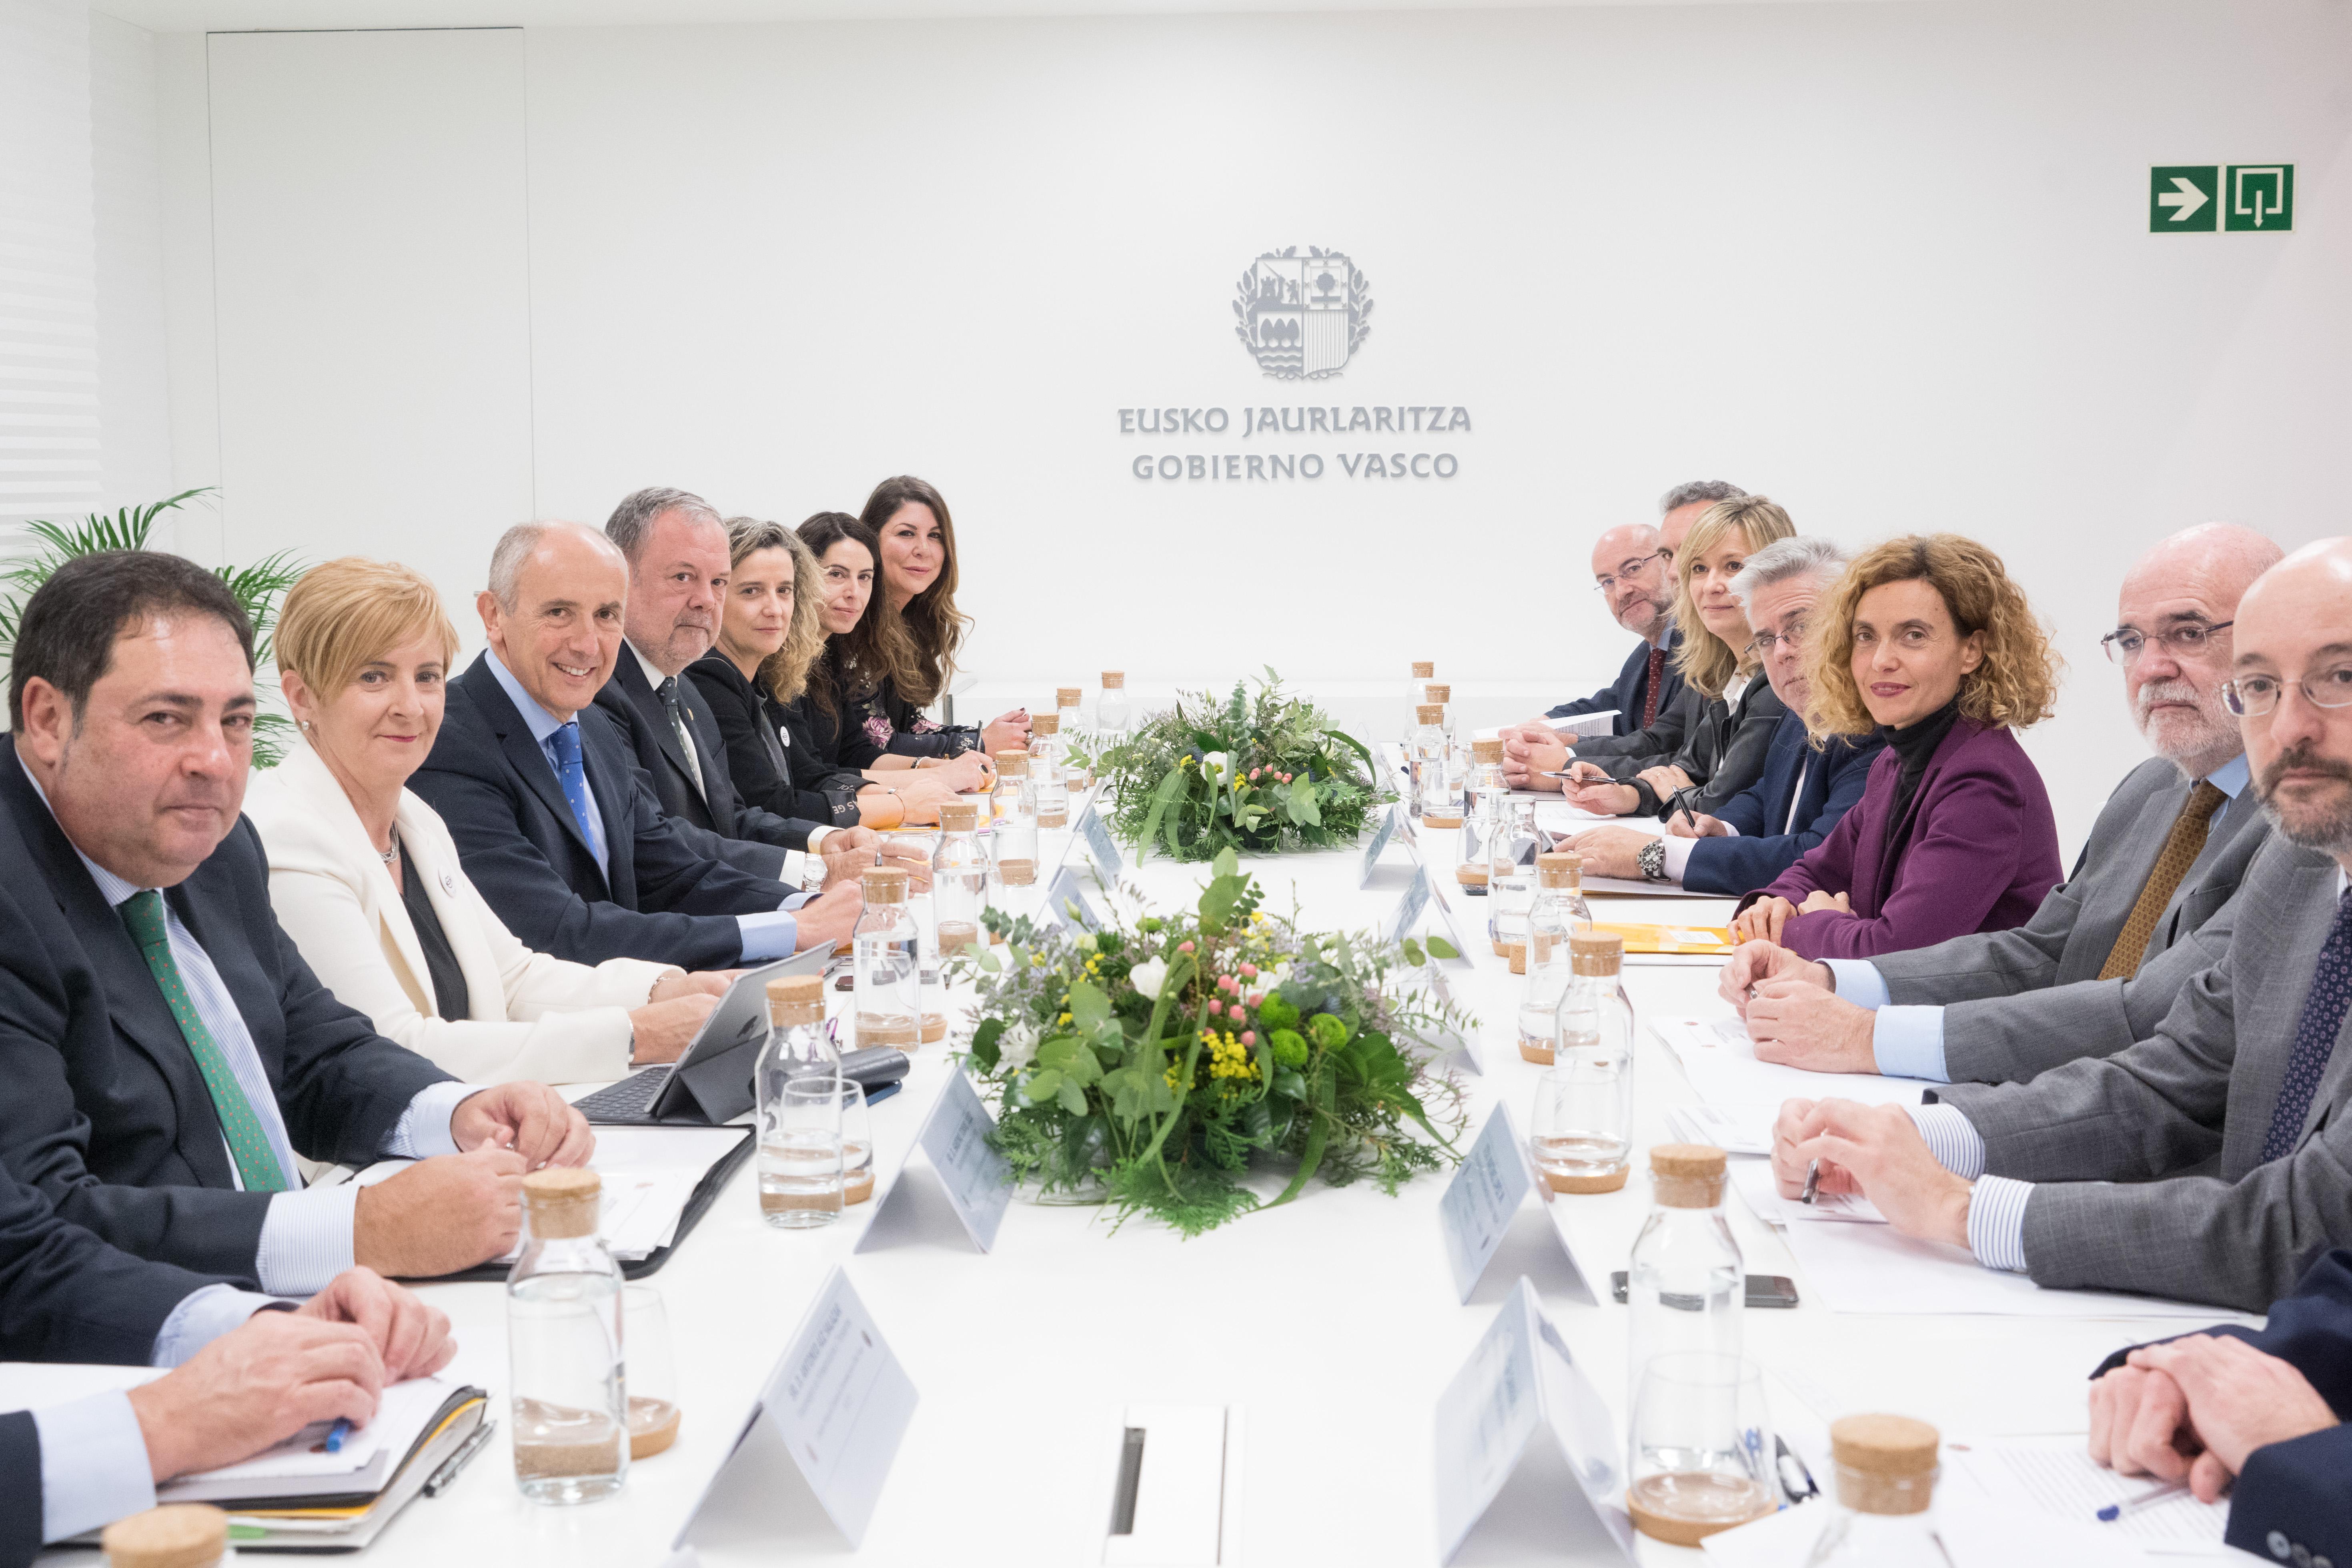 Los Gobiernos vasco y español acuerdan transferir a Euskadi dos líneas de ferrocarril y el último tramo pendiente de la AP-1